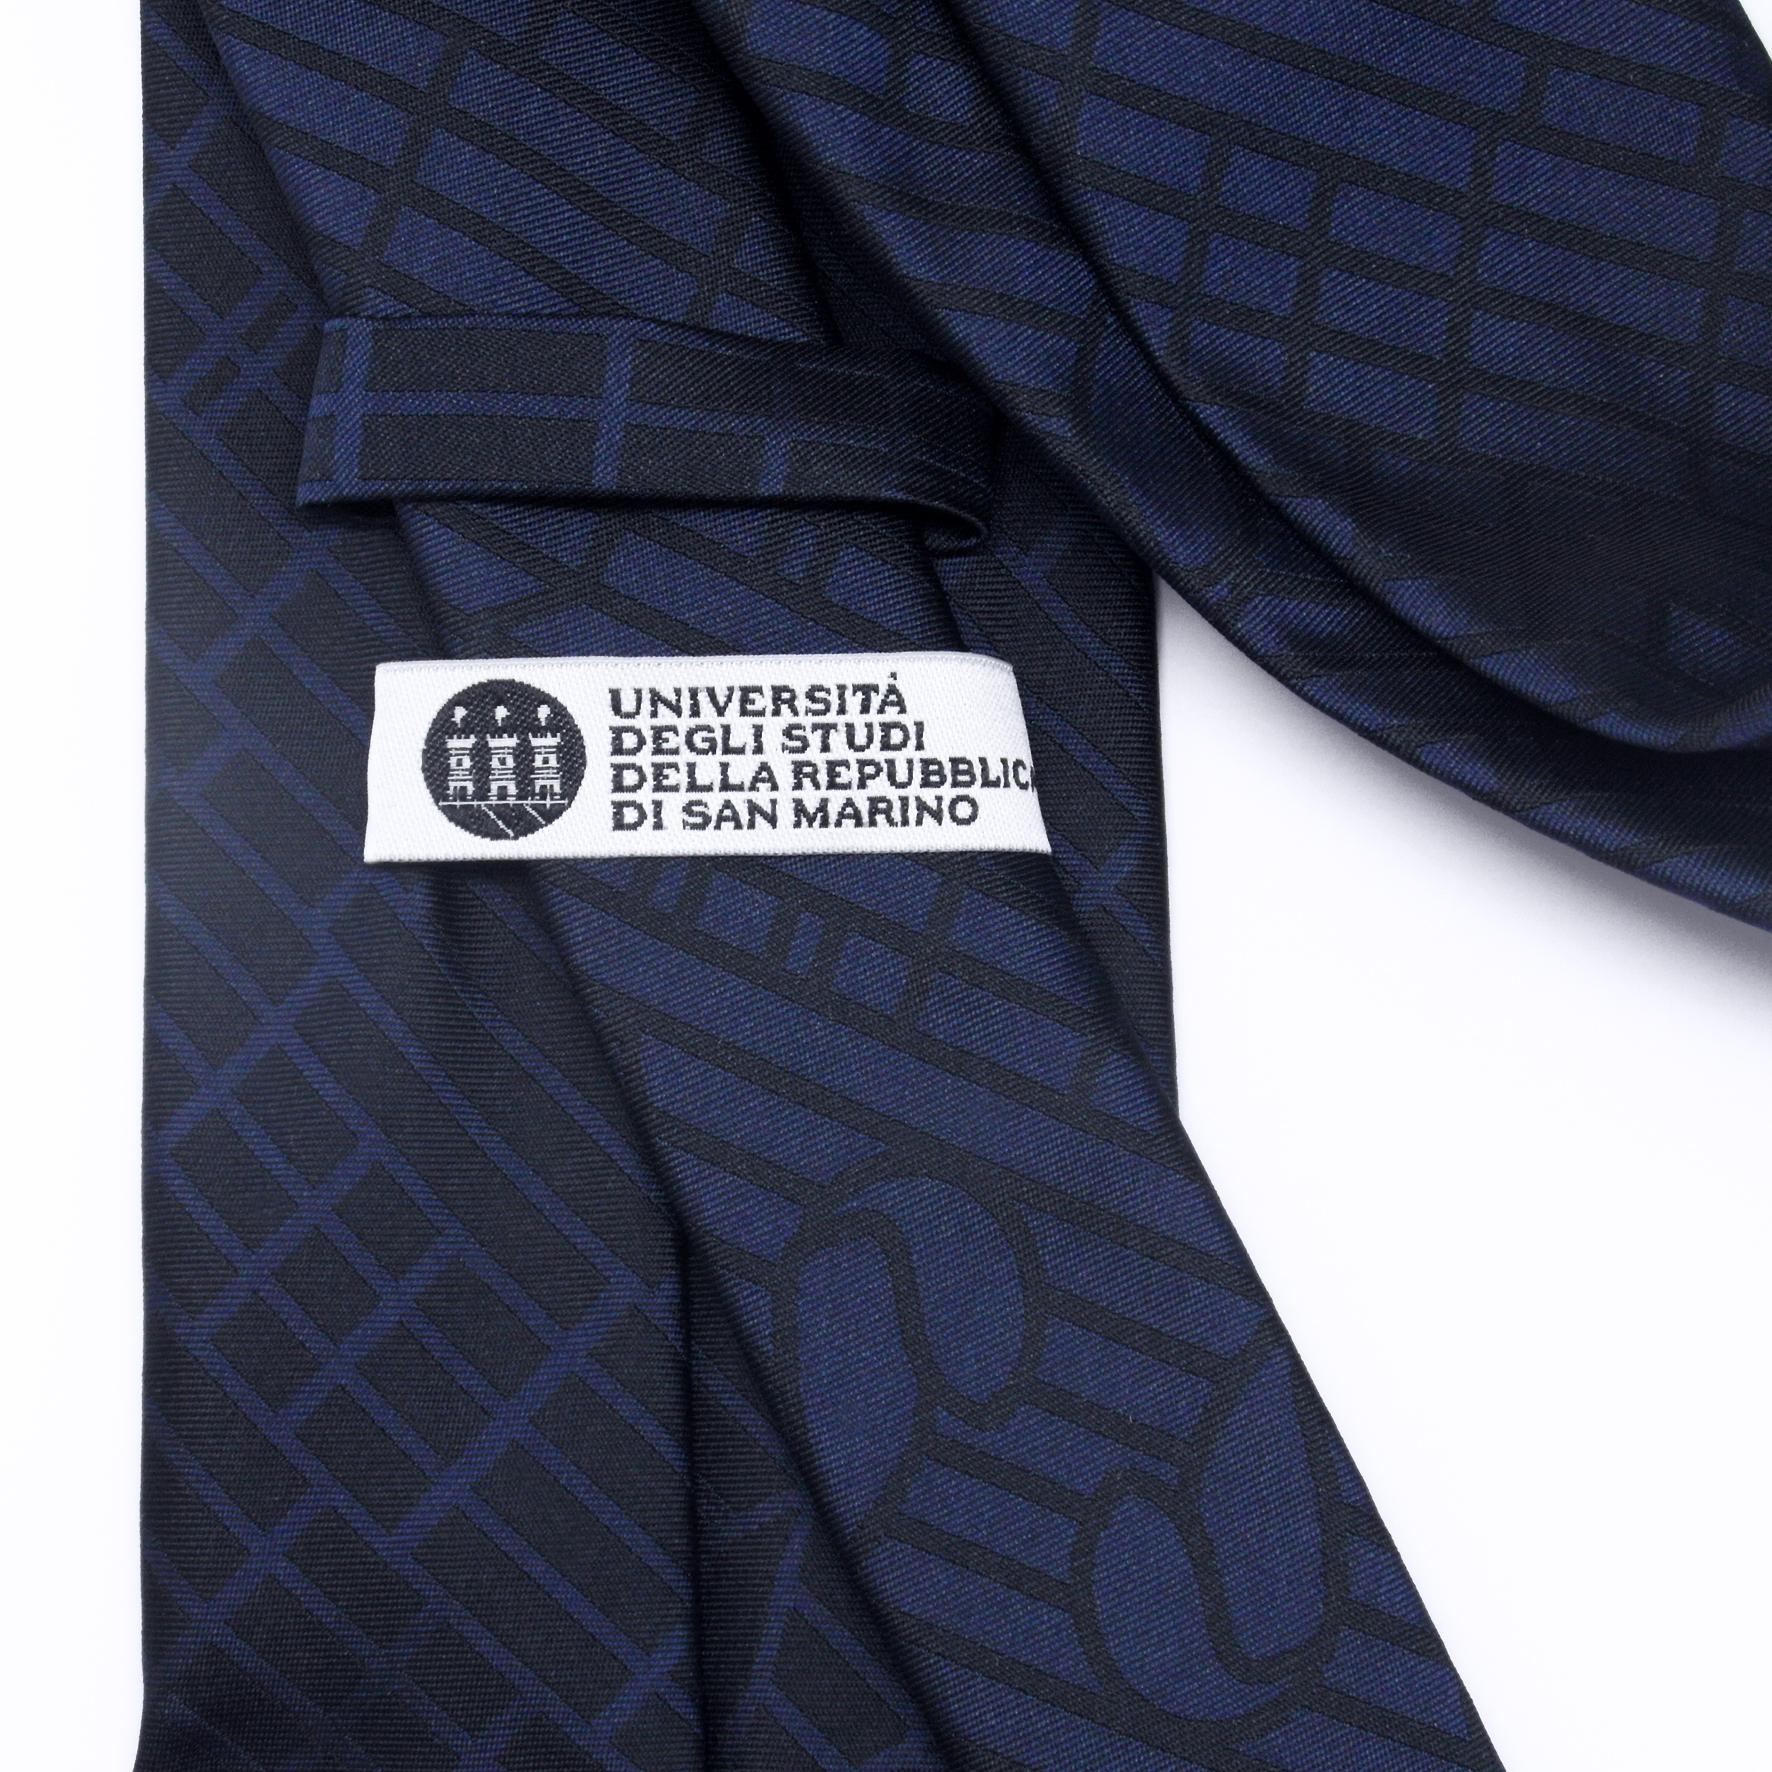 dettaglio-cravatta-universita-repubblica-sanmarino